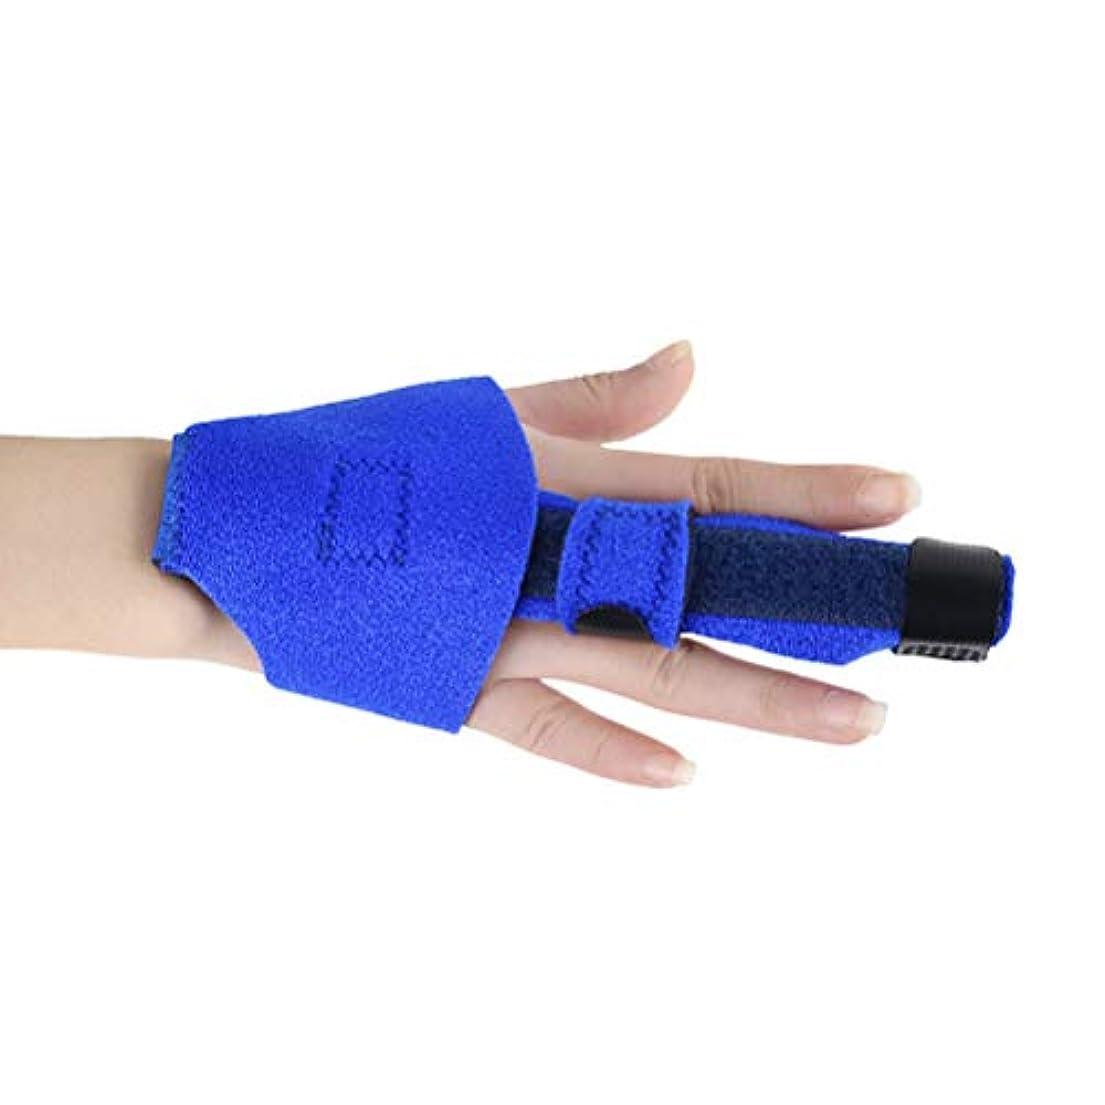 イタリックカートン海嶺SUPVOX トリガーフィンガースプリント 指サポーター 指の骨折副木壊れた指のサポート手首指固定ブレースプロテクター(ブルー)